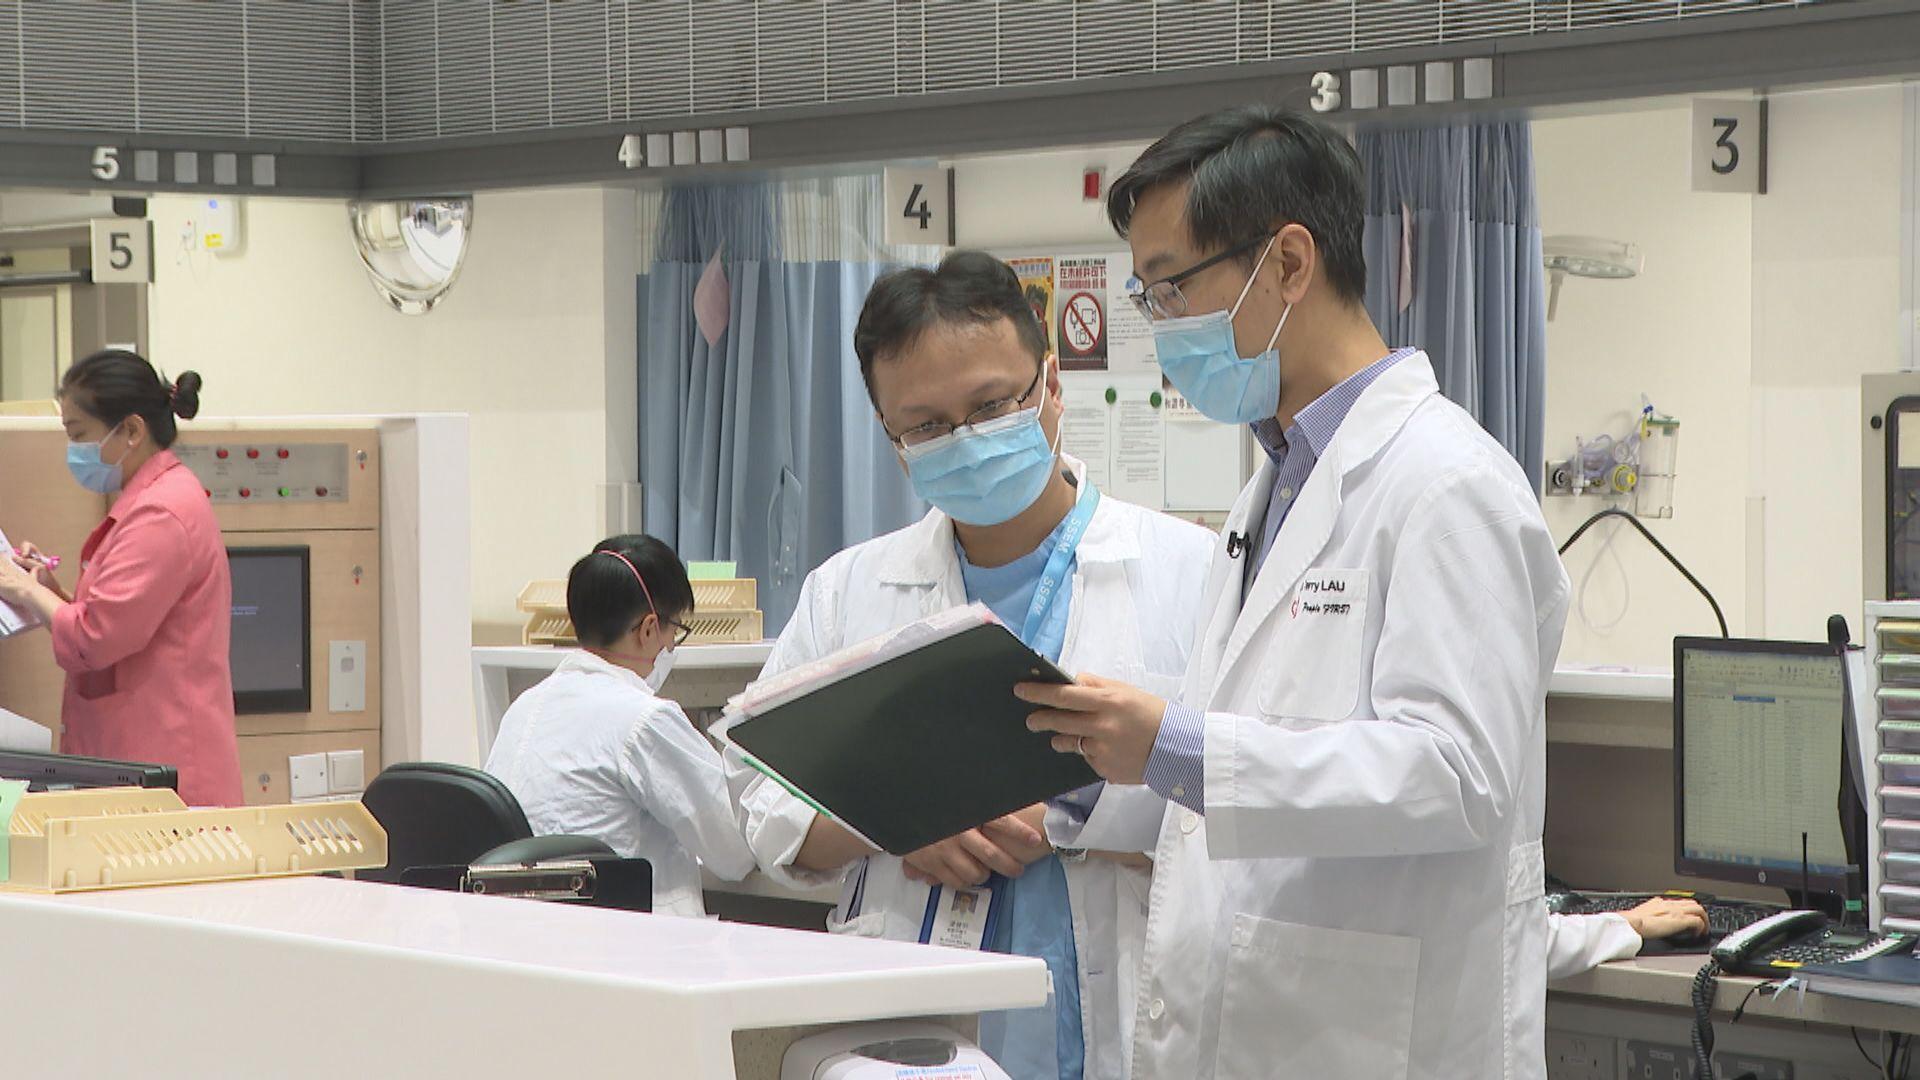 公共醫療醫生協會憂海外畢業生欠缺臨床經驗 陳肇始 : 醫管局會監察